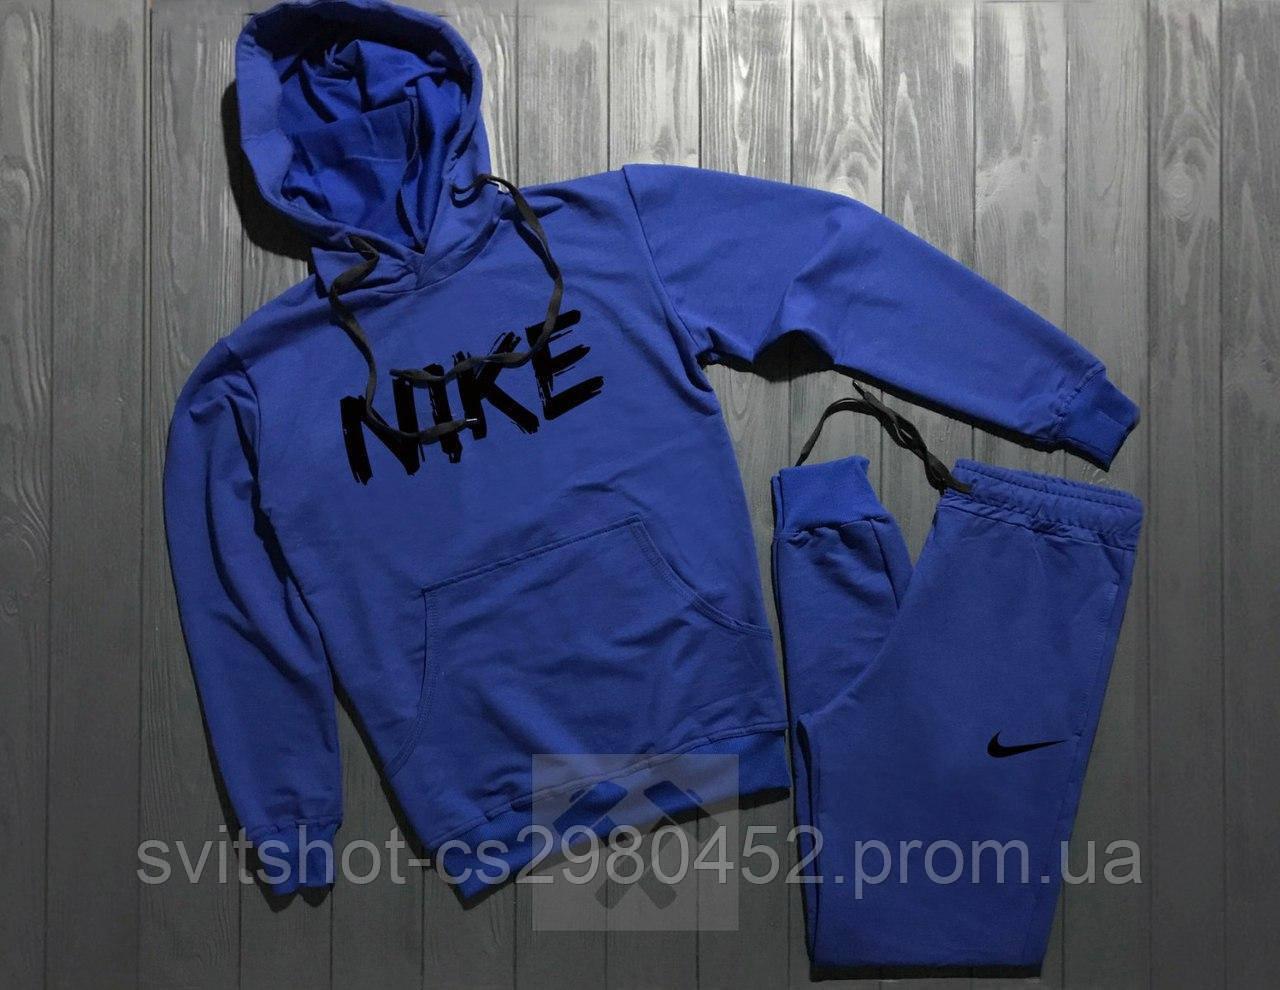 Спортивный костюм Nike (Найк), SKNTS граффити